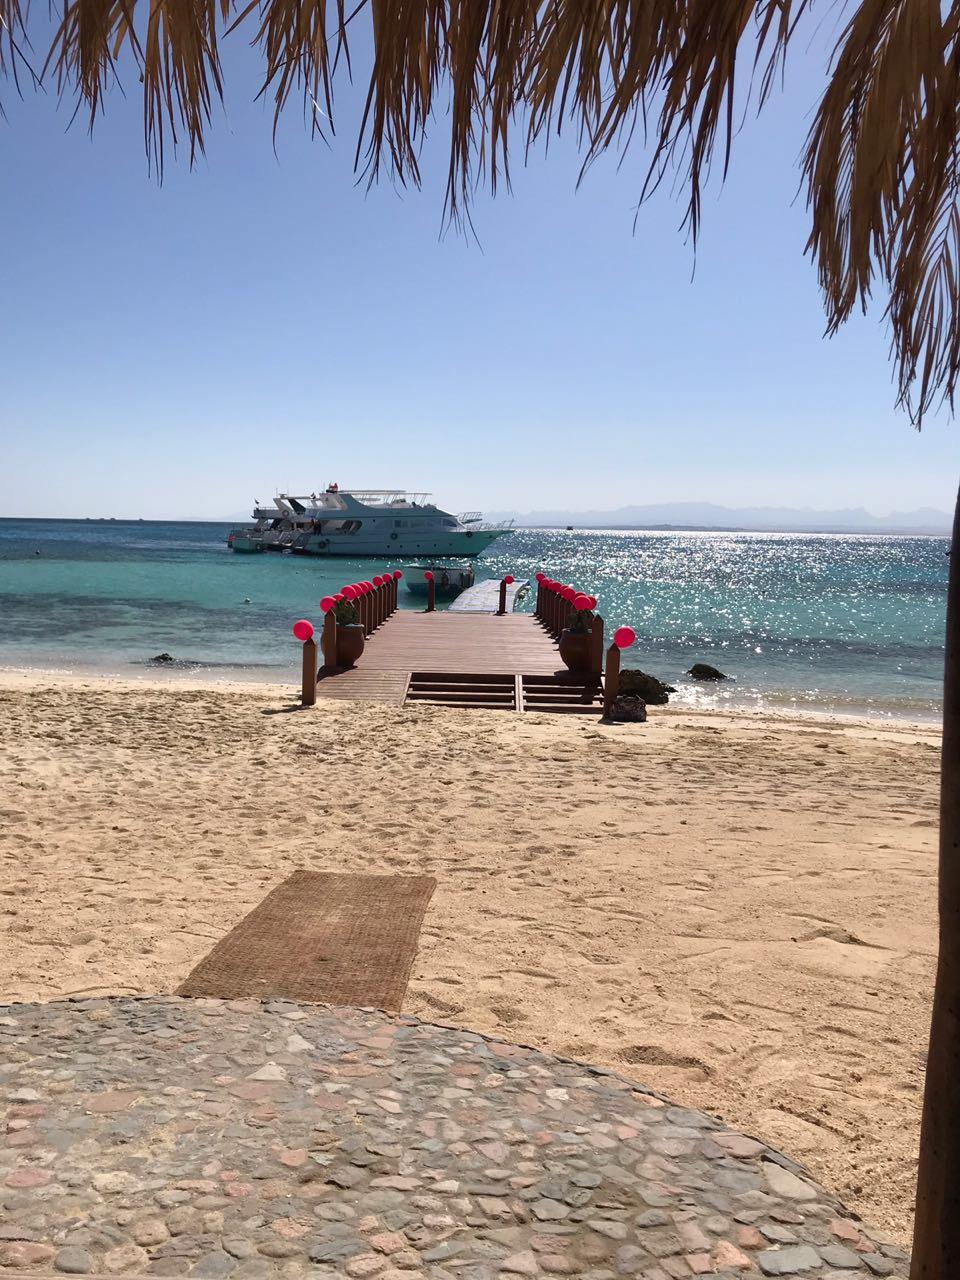 Ausflug zur Giftun Insel ab Hurghada, Schnorcheln Sie im Nationalpark Giftun Insel